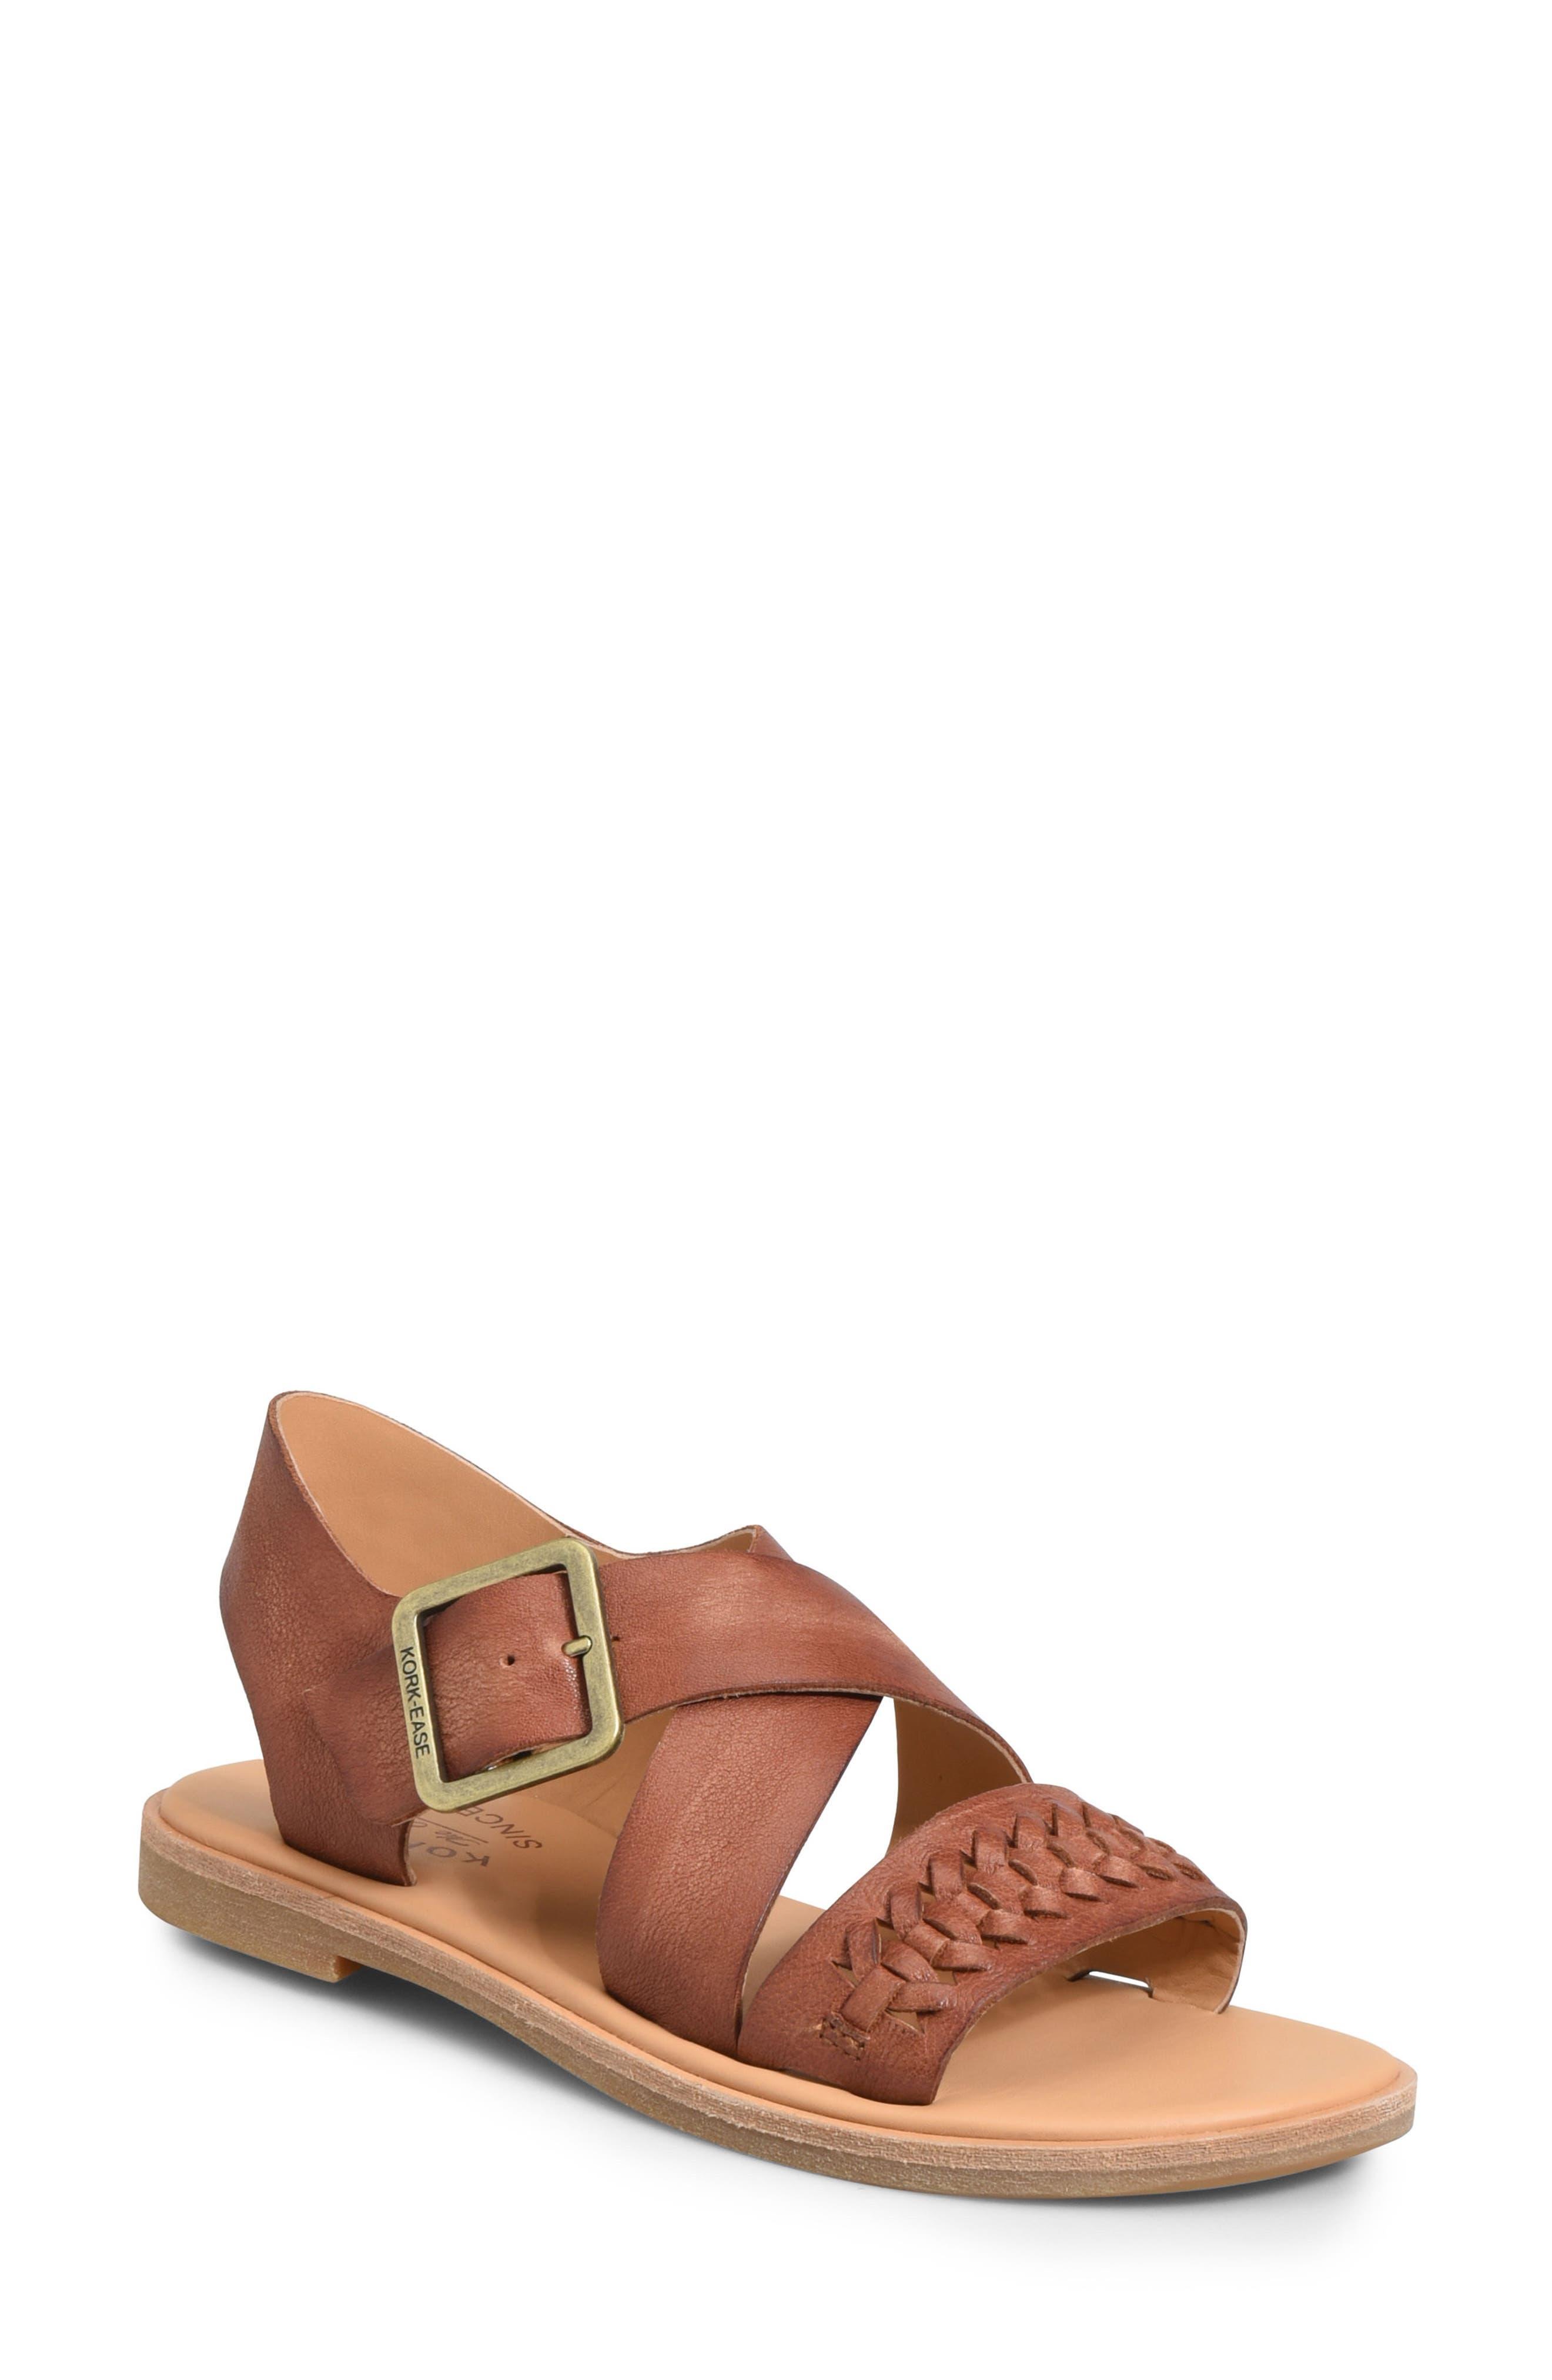 Nara Braid Sandal,                         Main,                         color, BROWN LEATHER